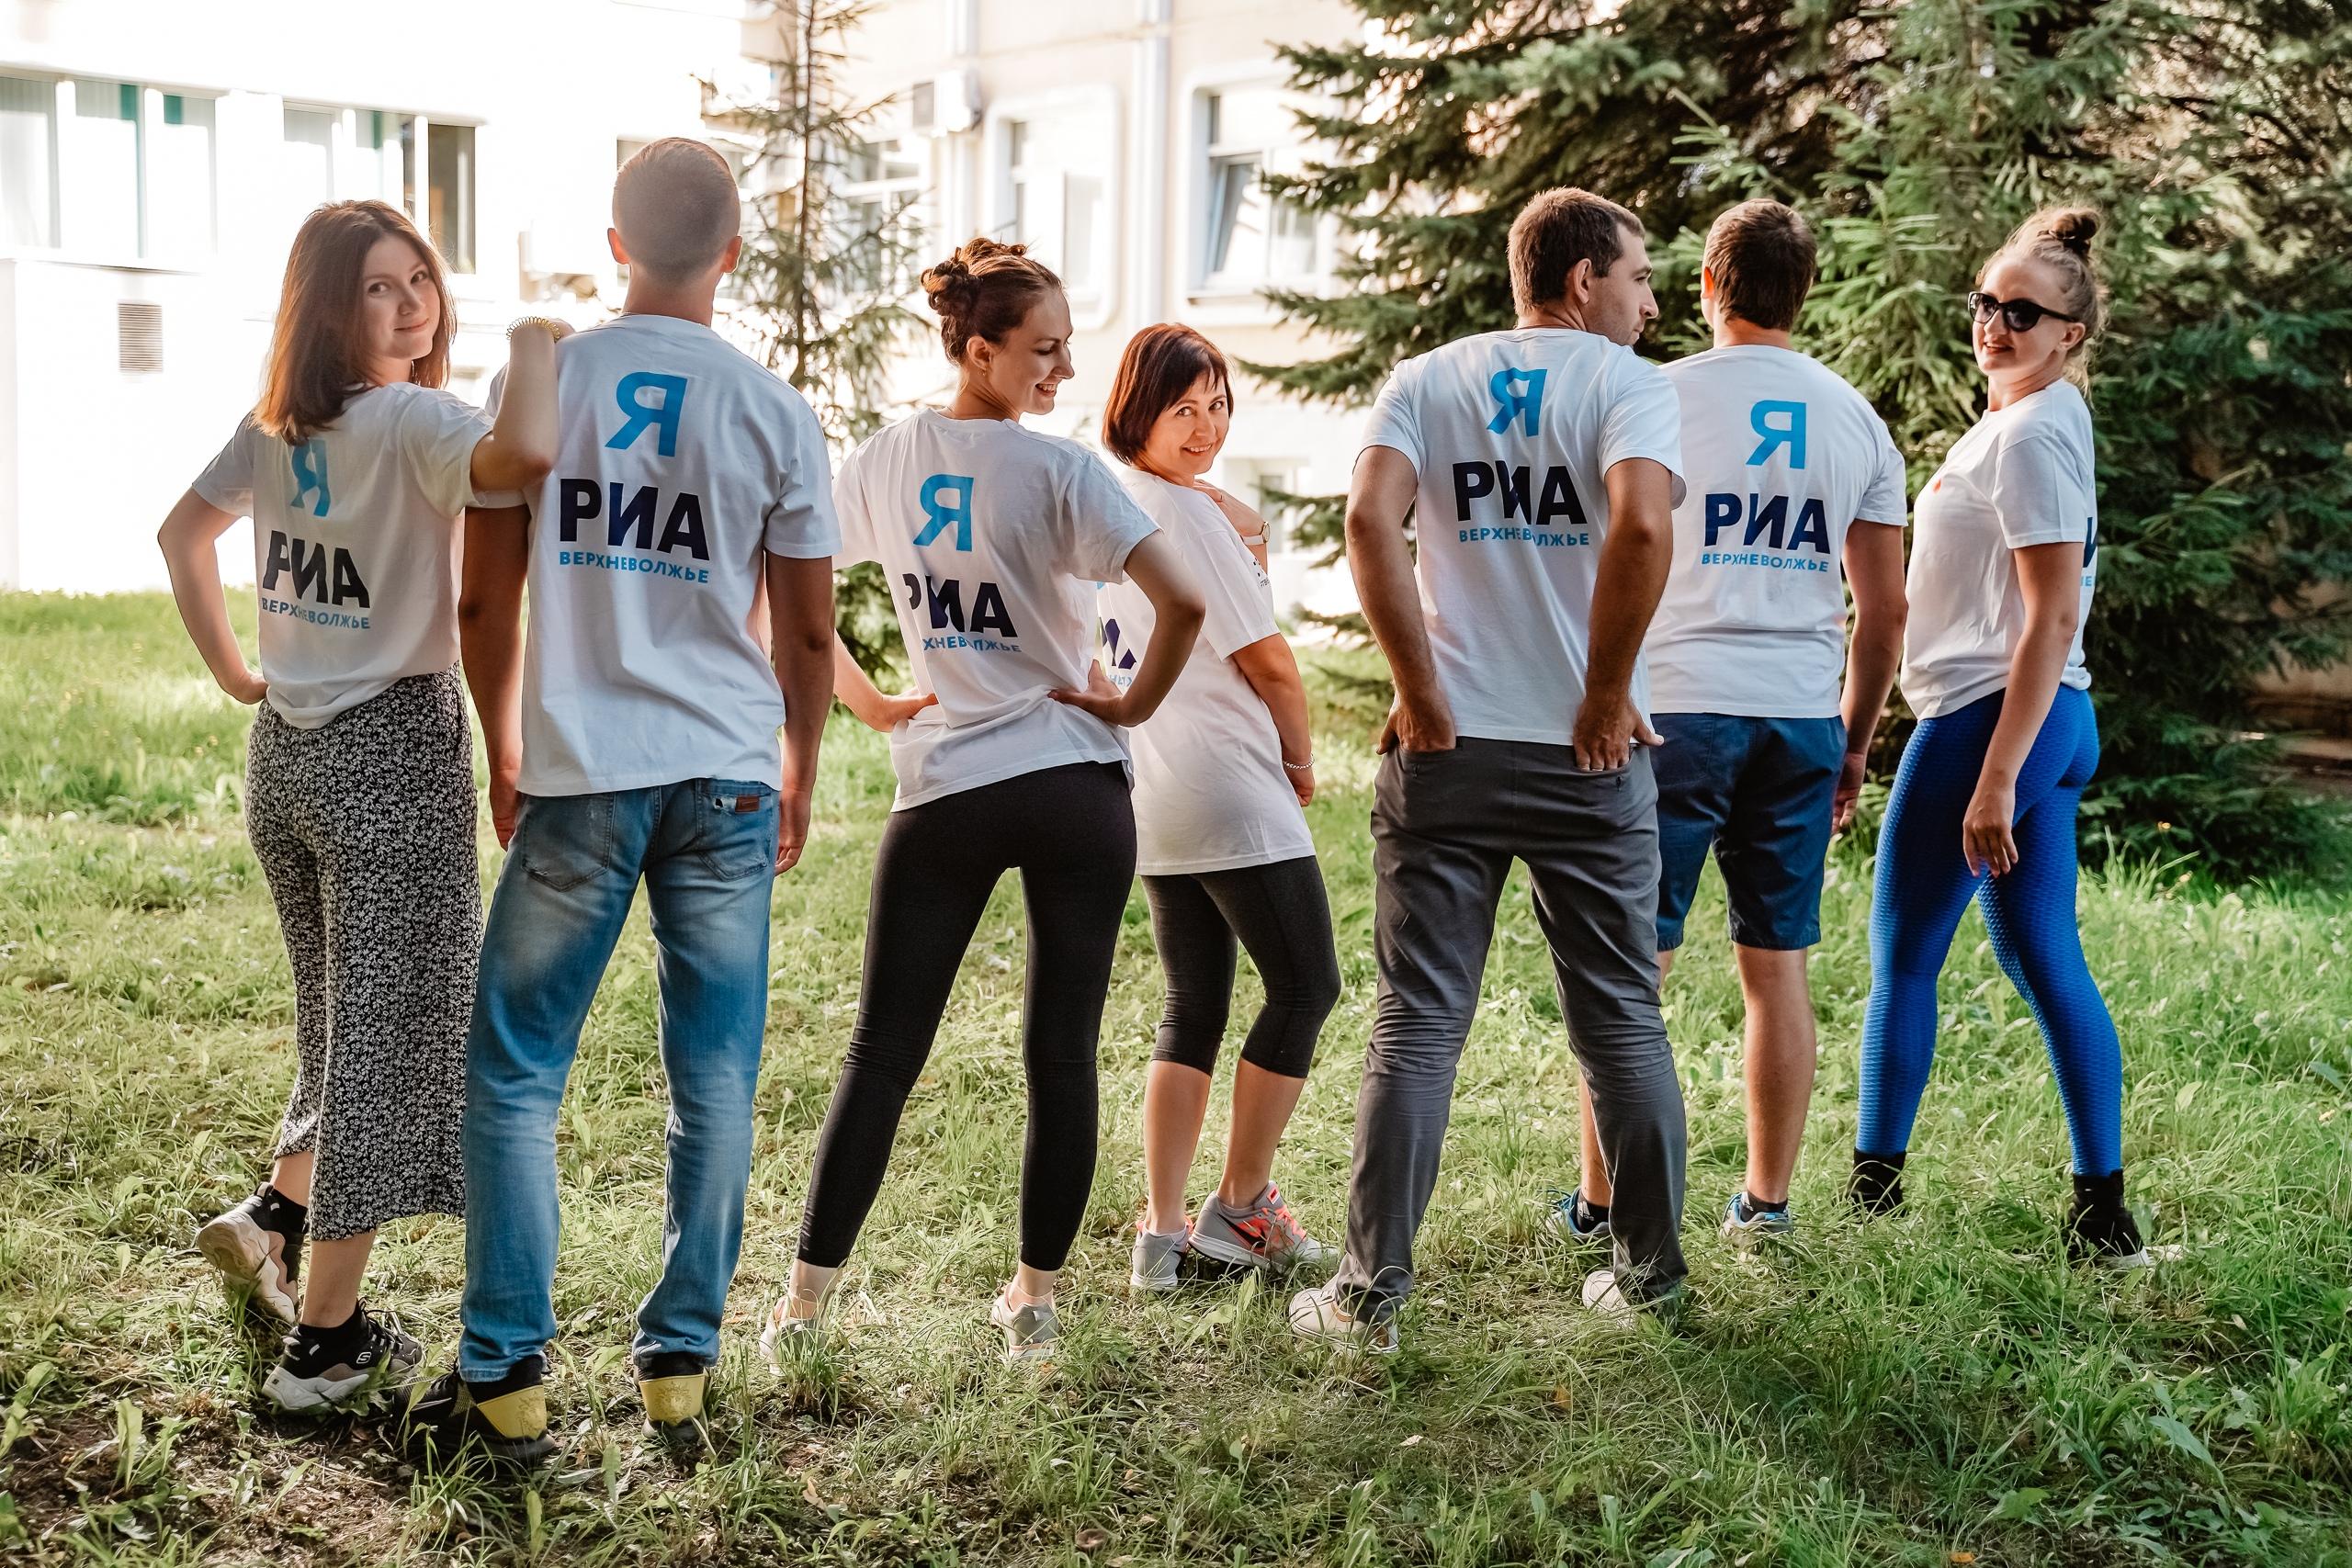 Проекты РИА «Верхневолжье»: вдохновляем спортивным примером